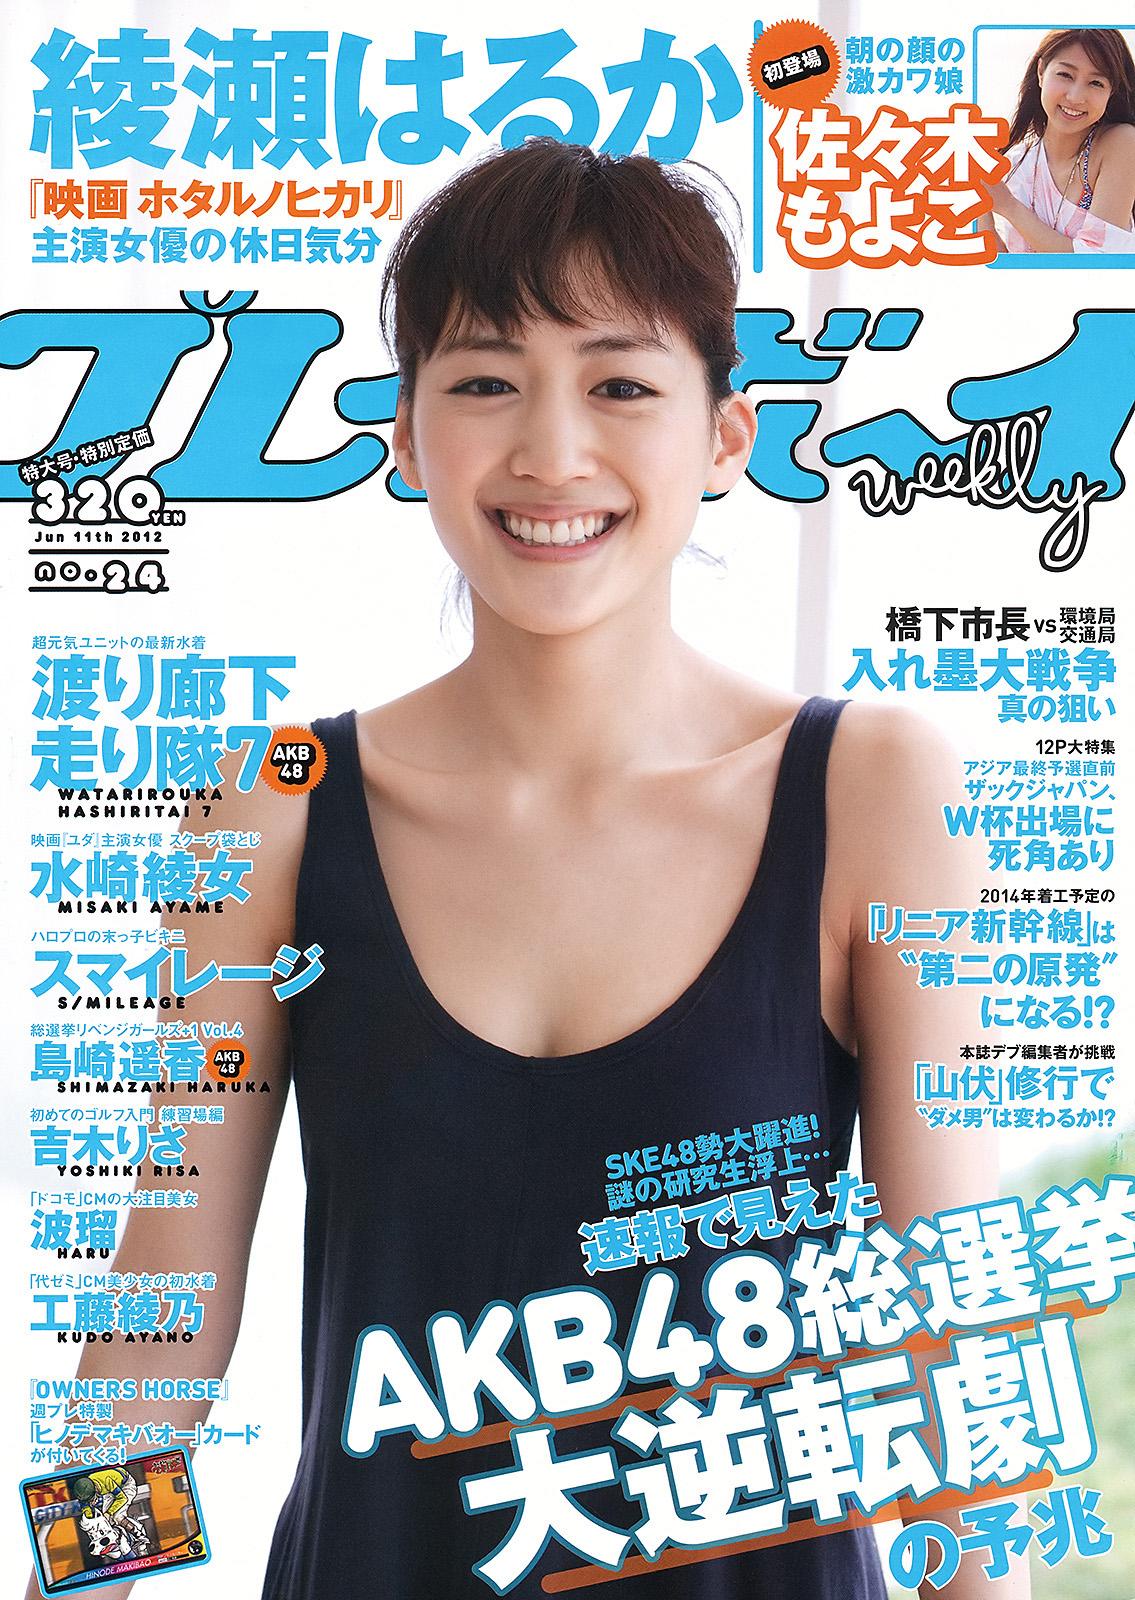 [WPB Magazine] 2012 No.24 Haruka Ayase 綾瀬はるか [44P25MB]Real Street Angels